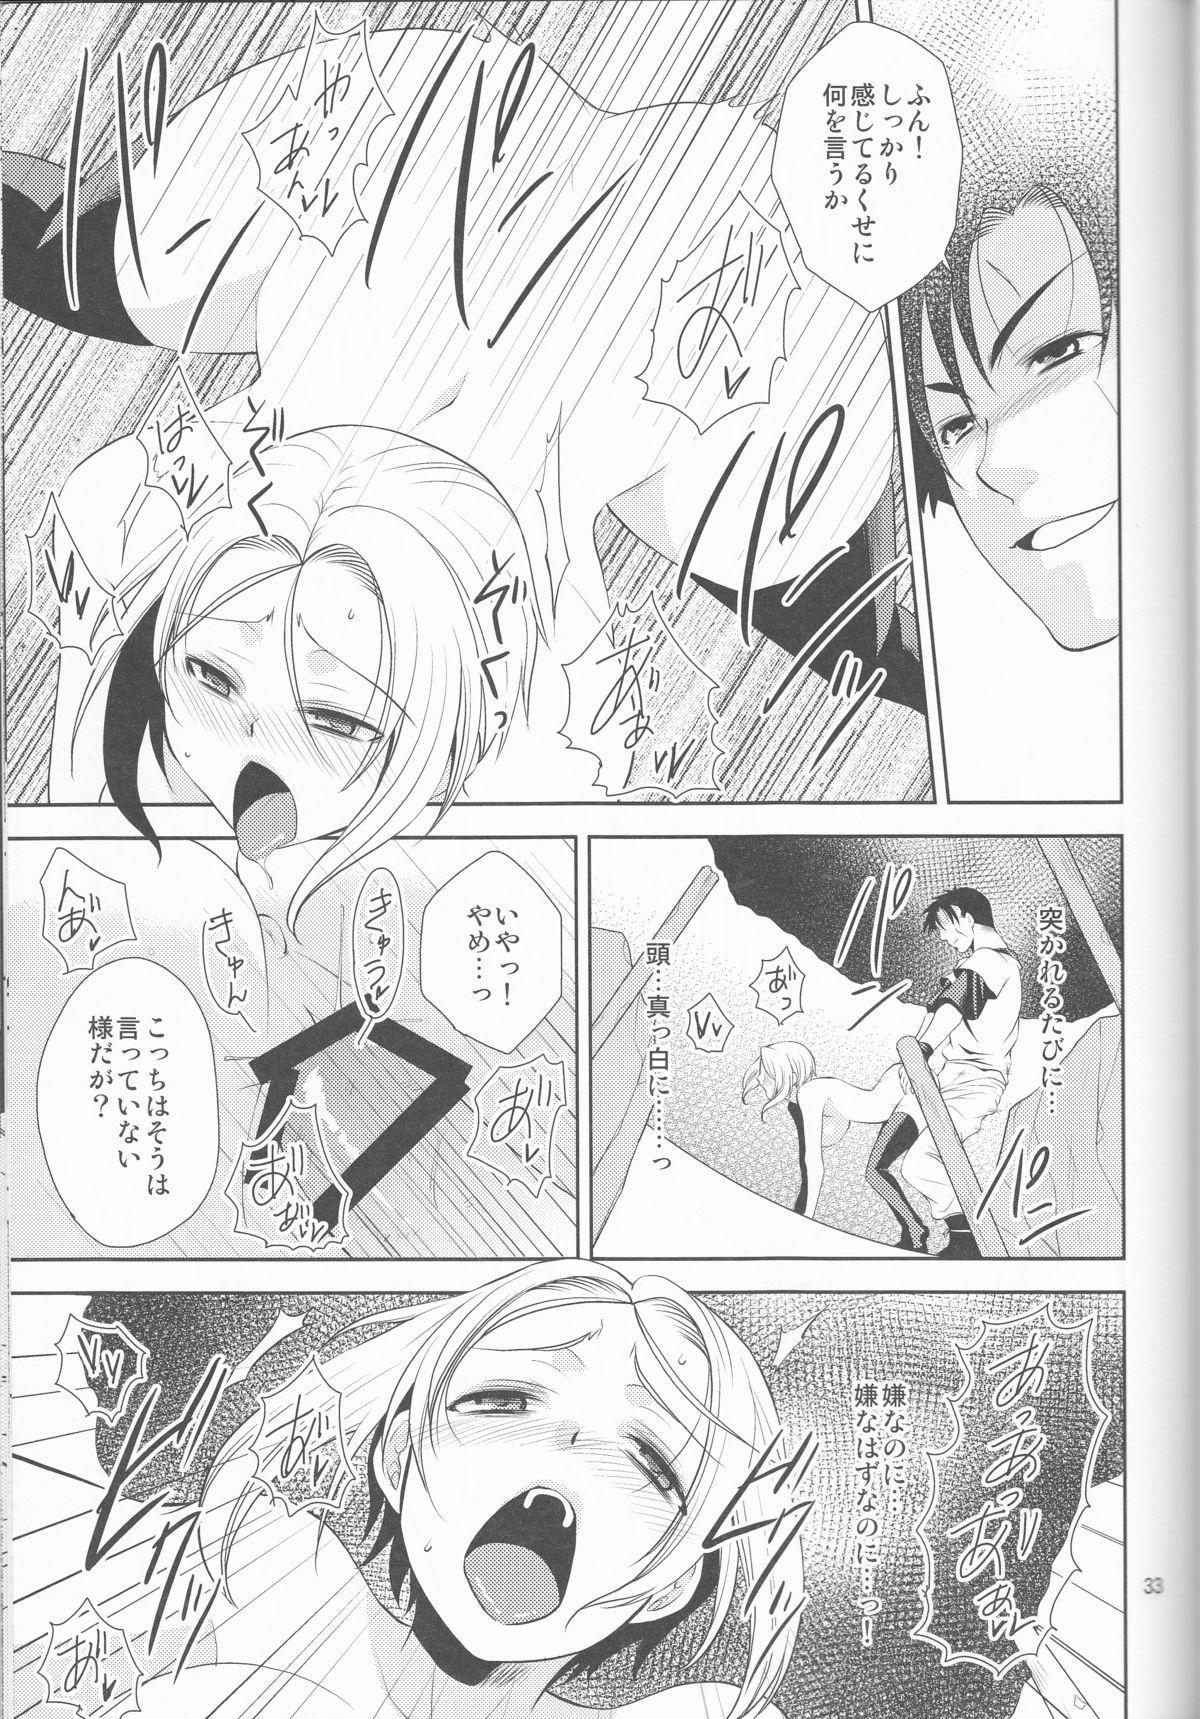 Soshite Boku wa Sono Suisen ni Miirareta. 32